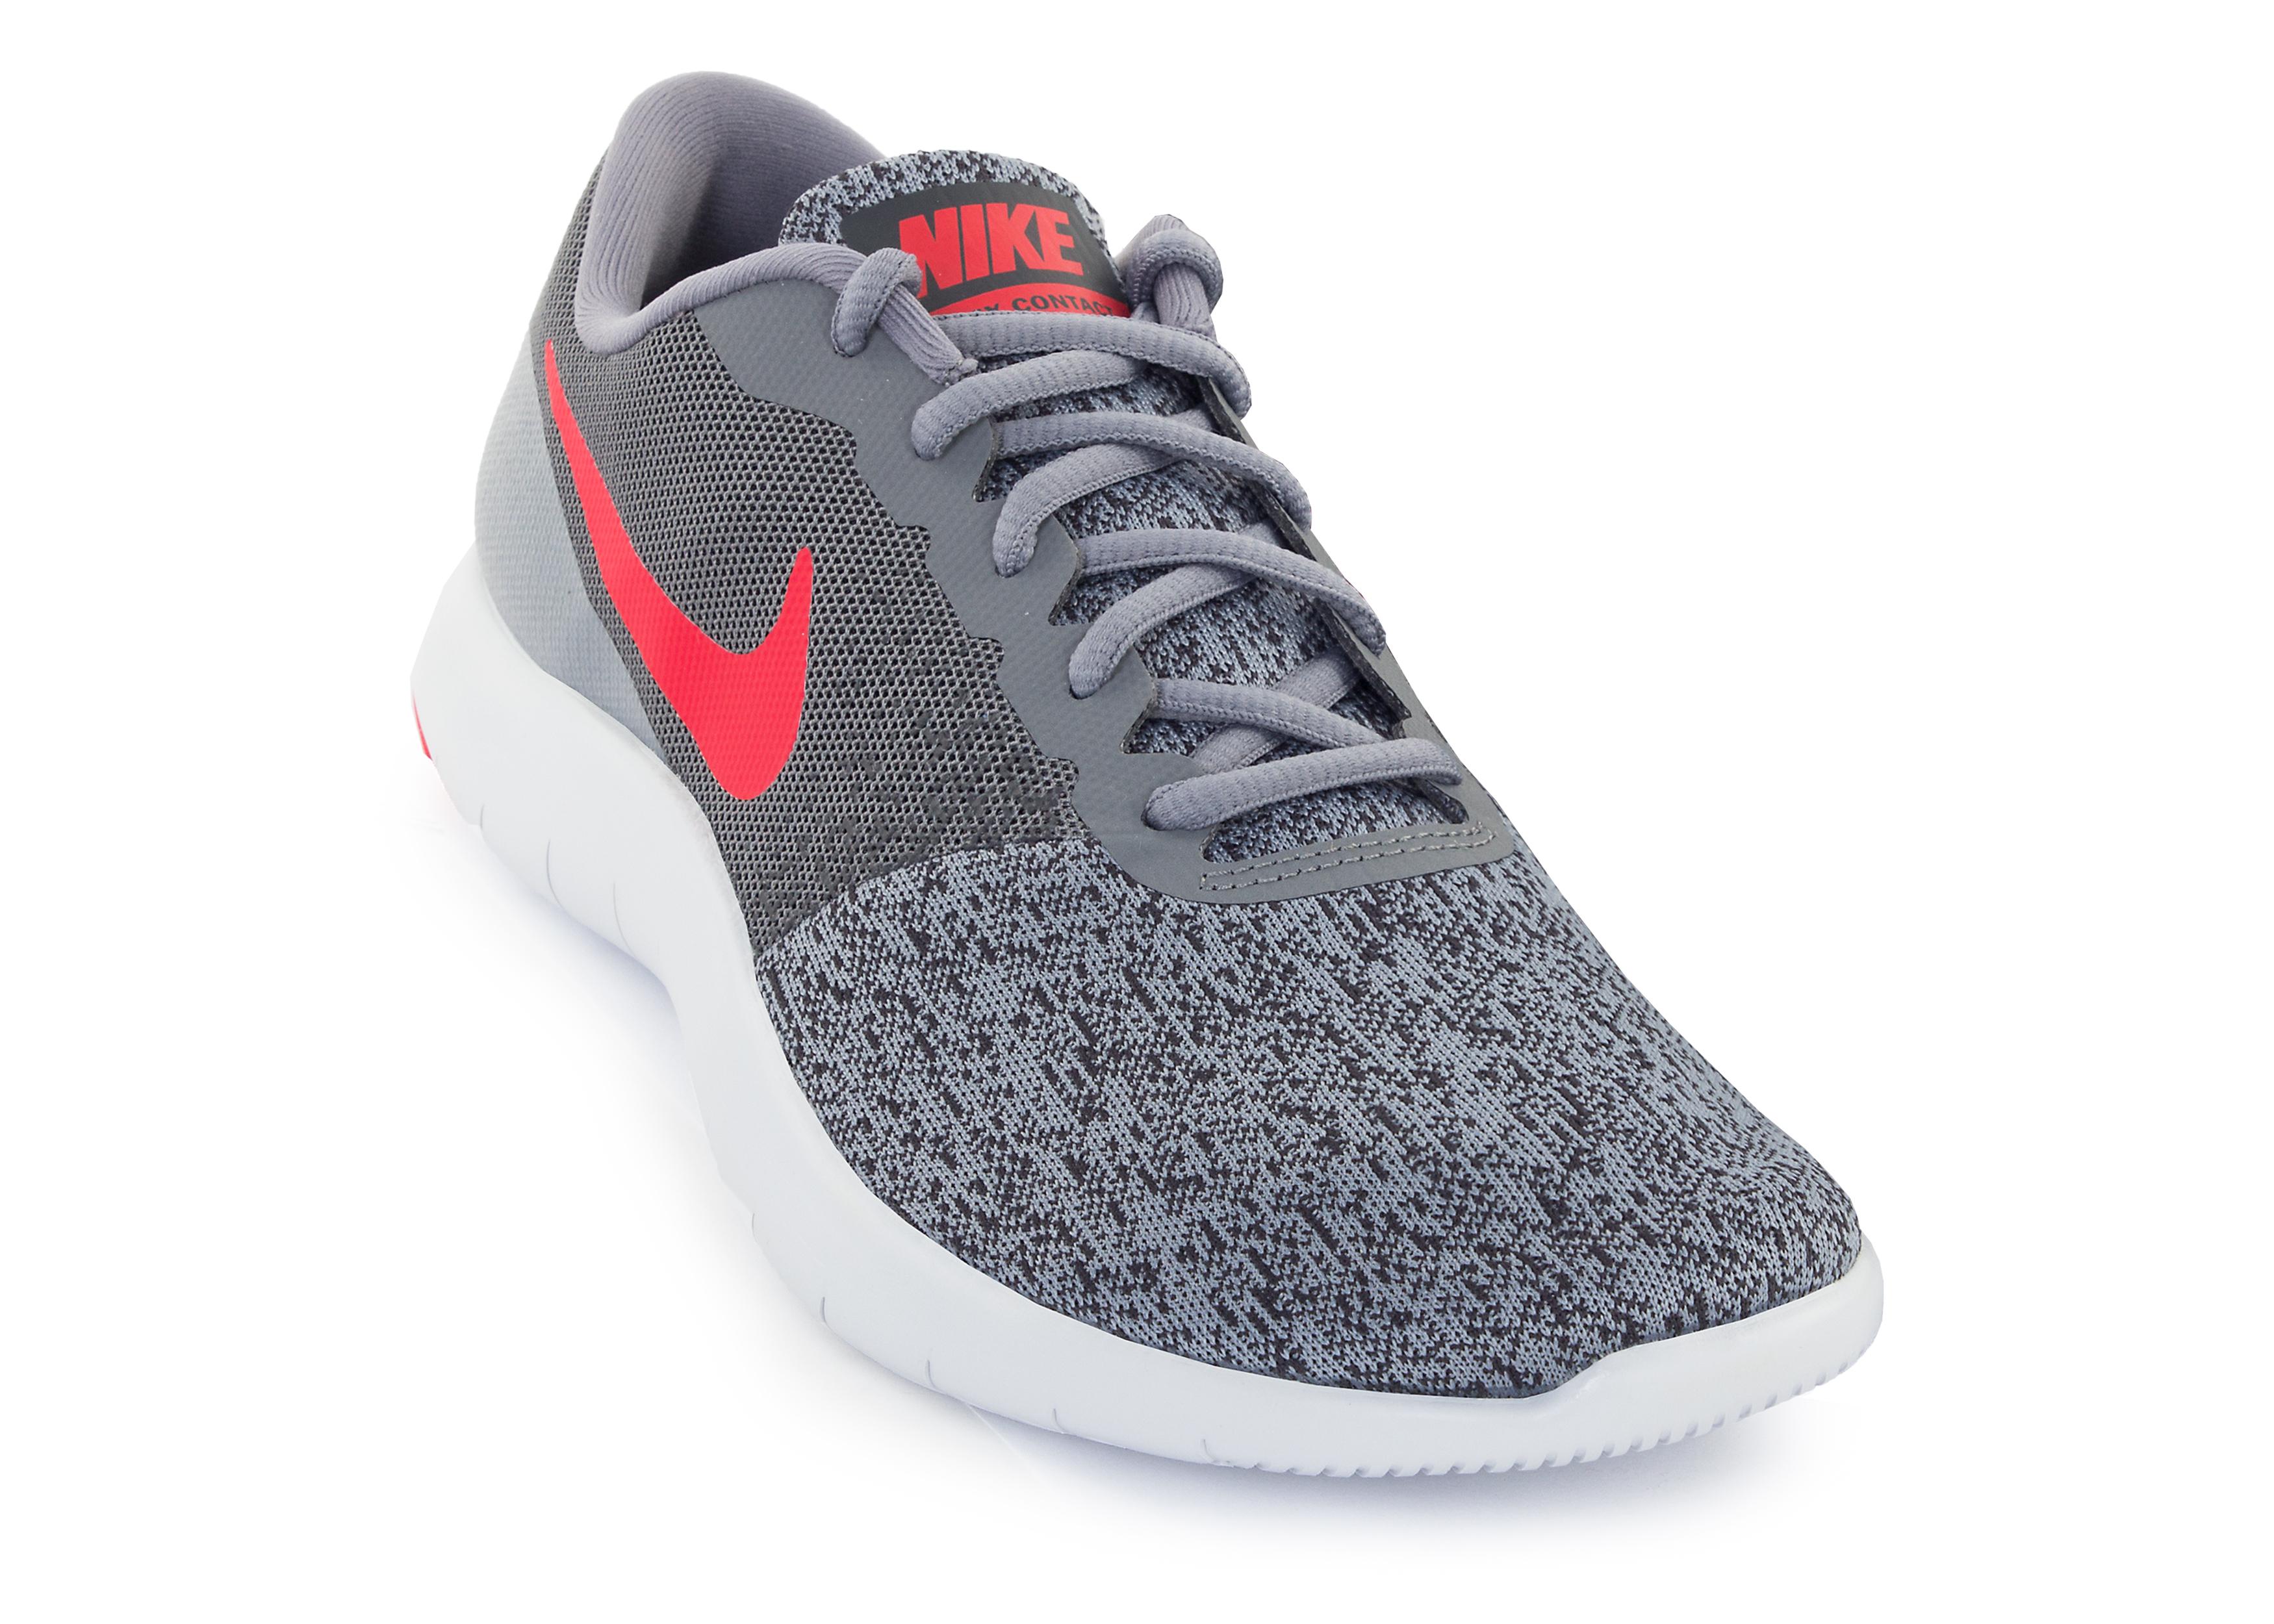 4671022cca0 Кроссовки мужские Nike Flex Contact Running - Сеть спортивных ...